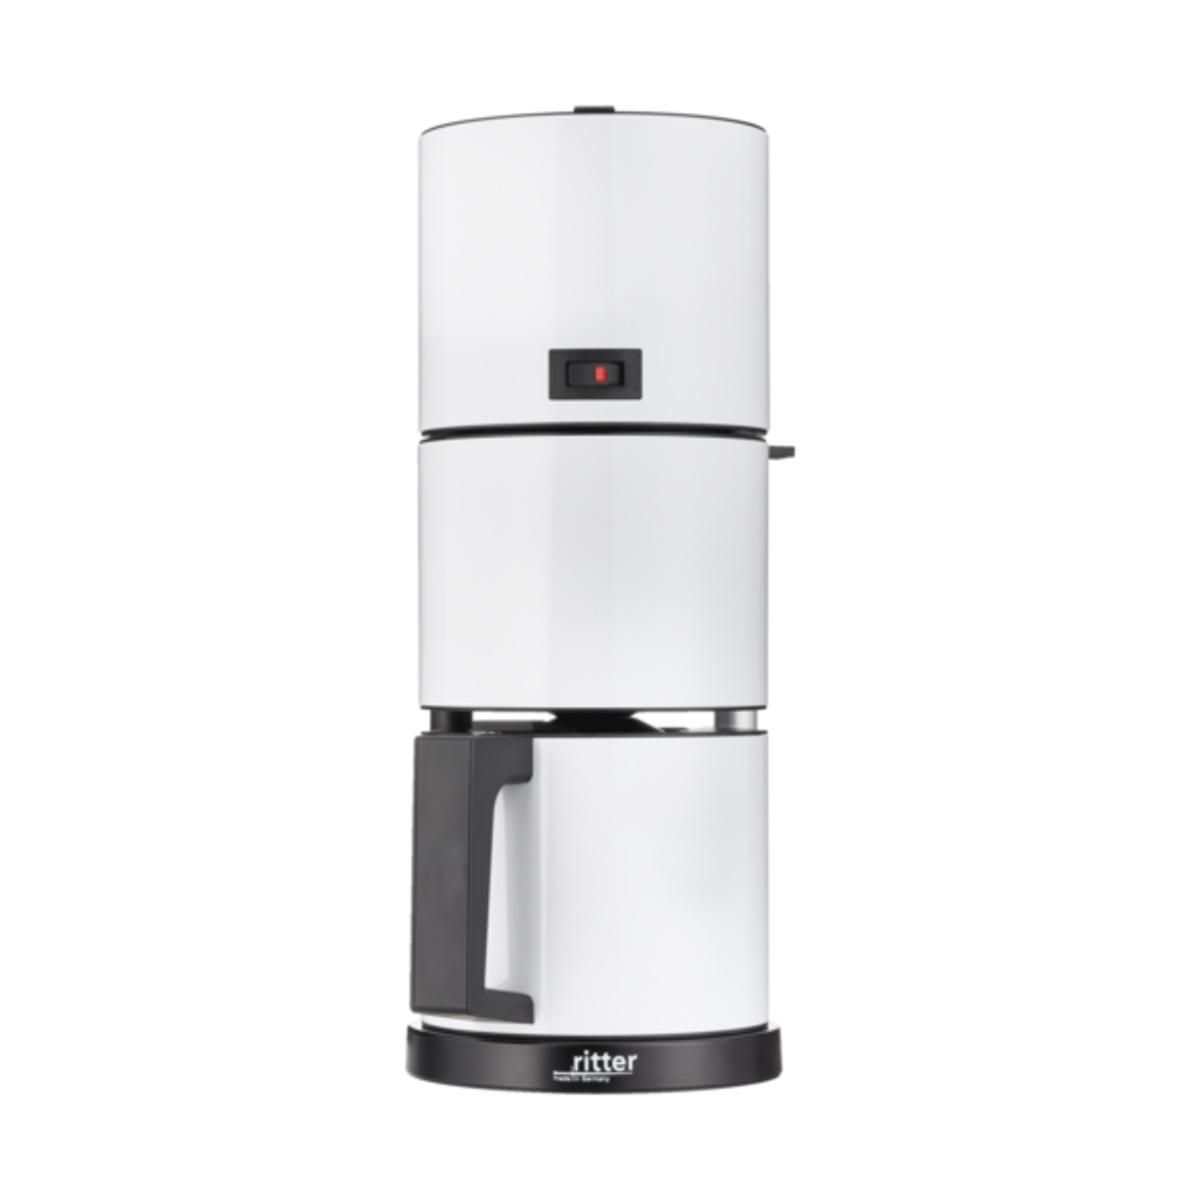 Bild 1 von Kaffeemaschine ritter Cafena 5, weiß